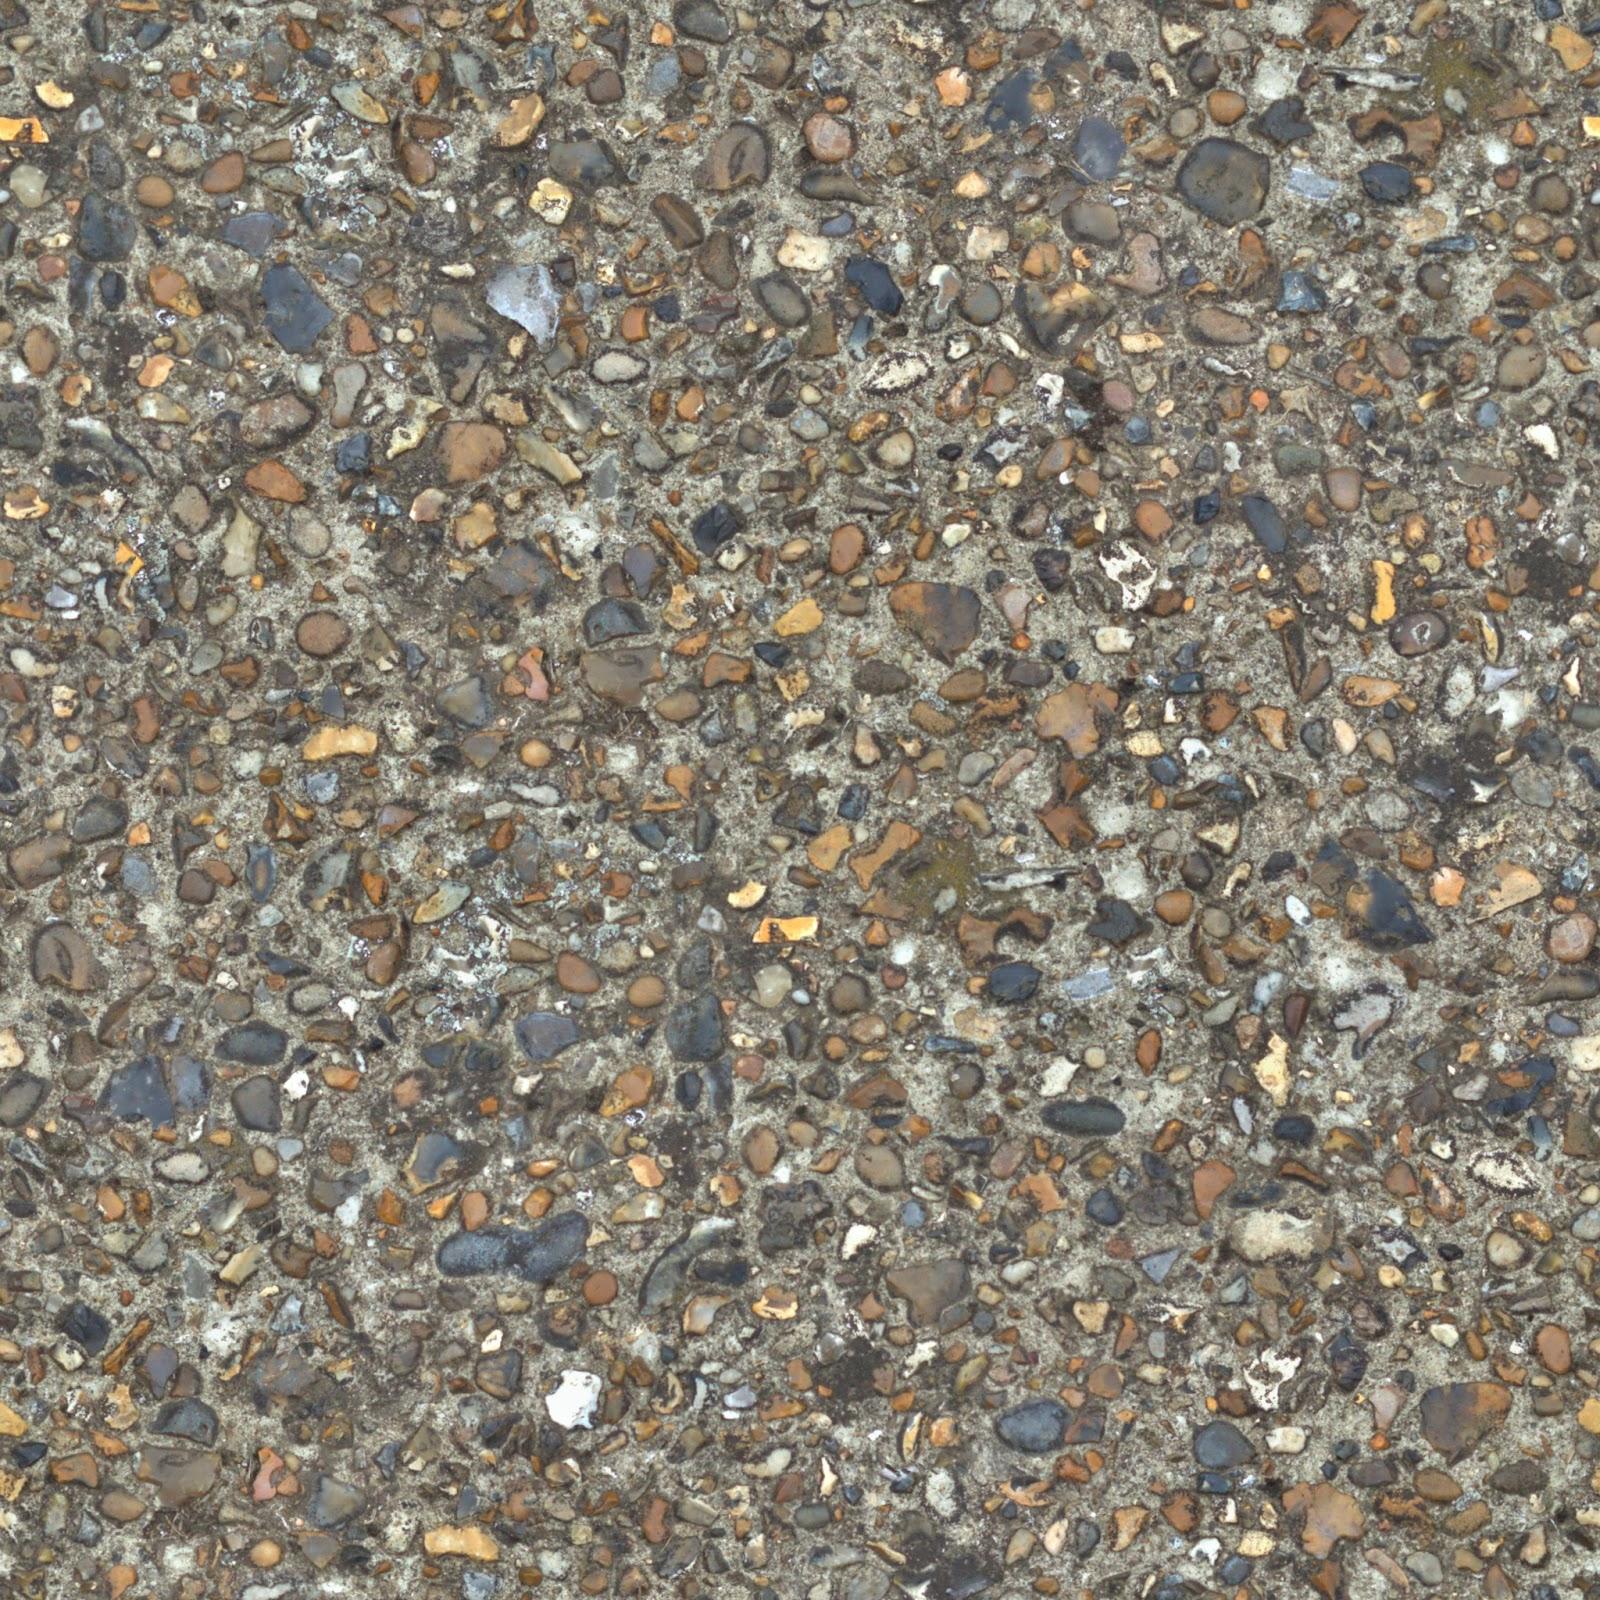 Seamless Cobble Texture : High resolution seamless textures september